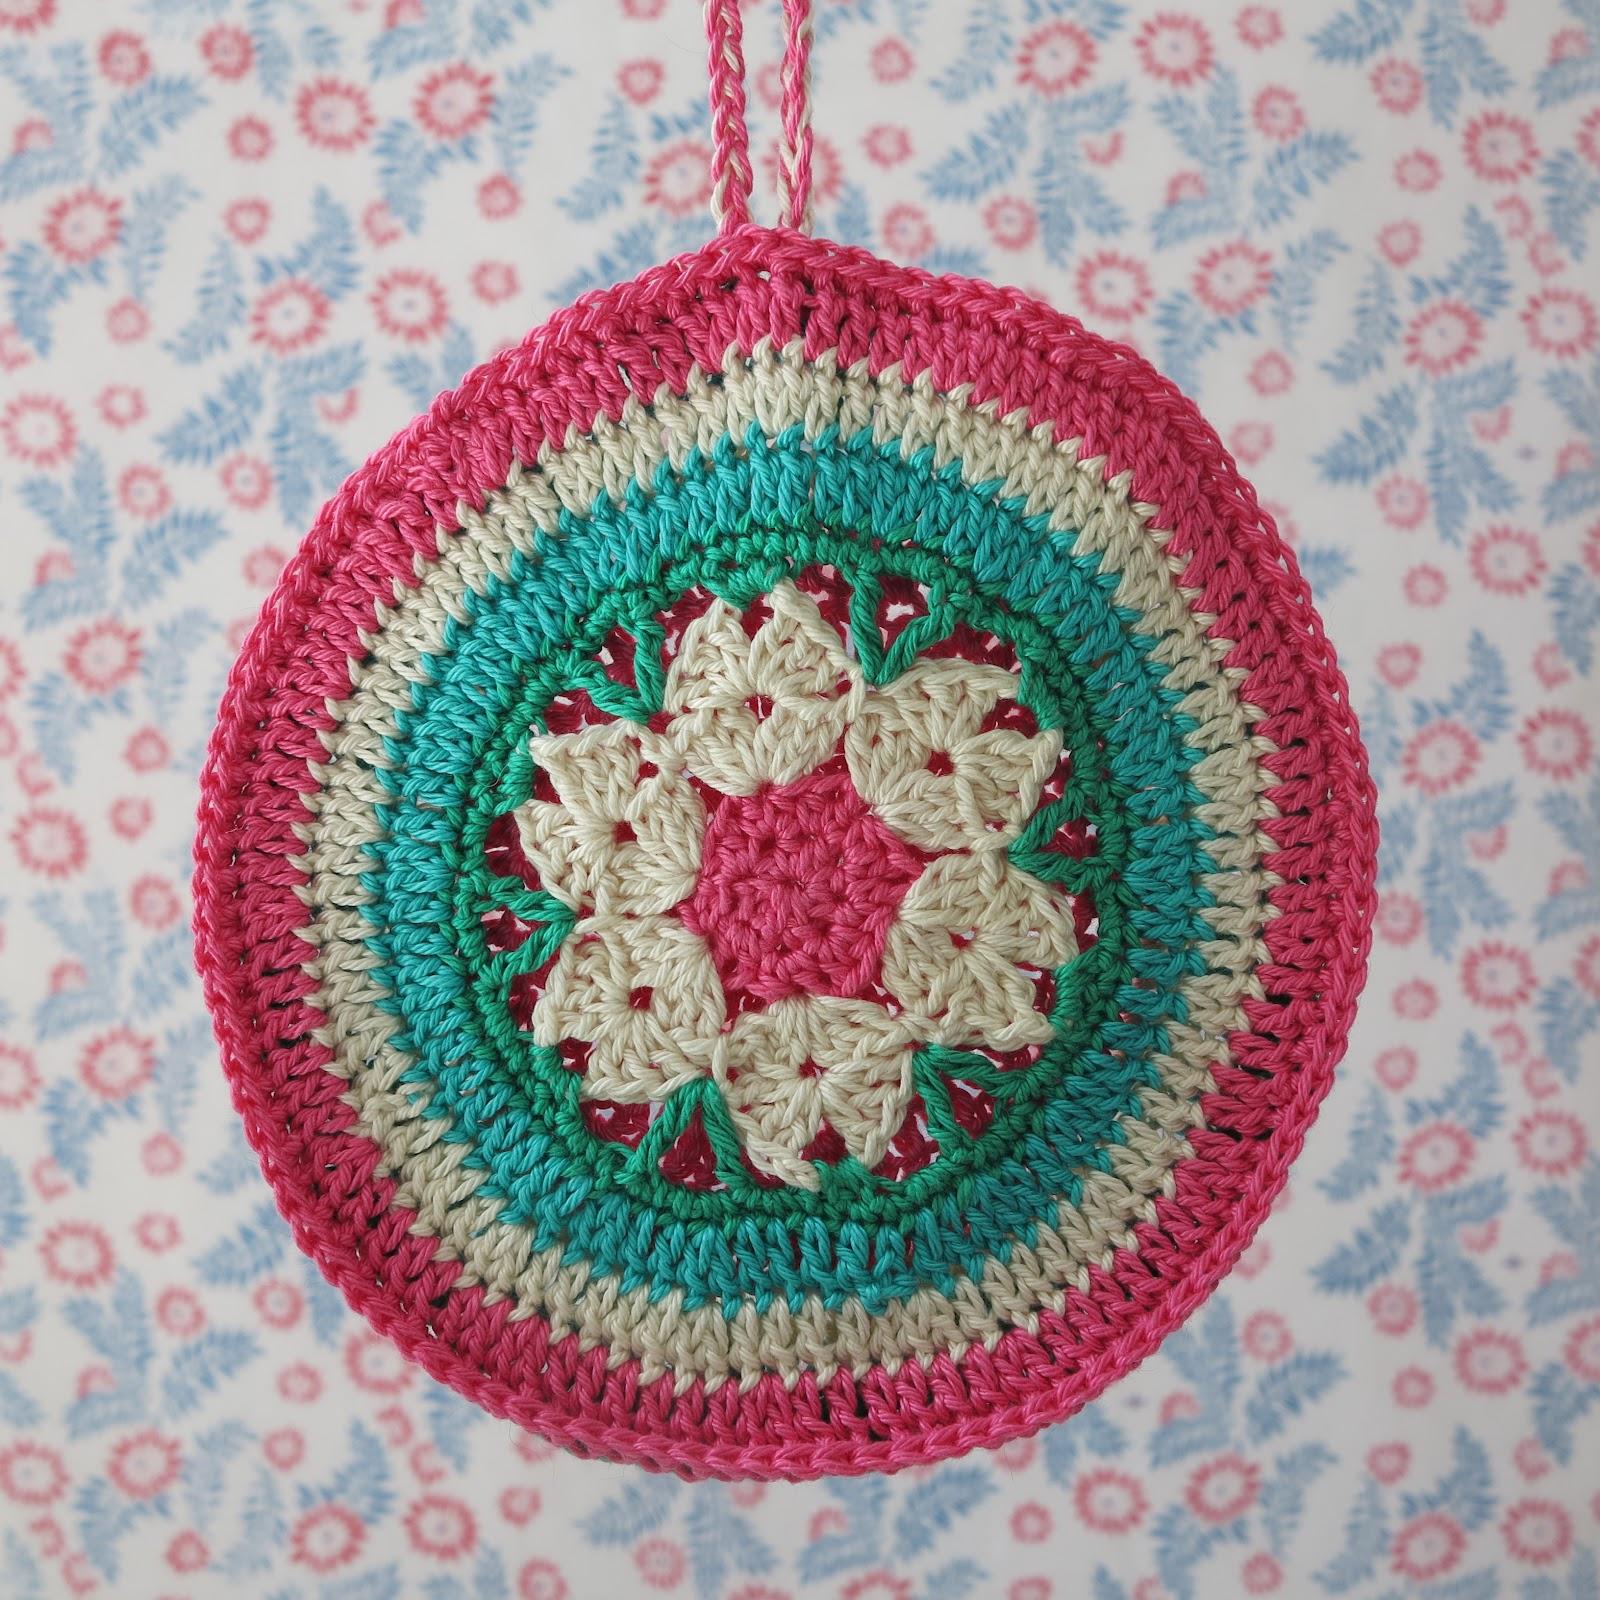 Crochet Potholders : crochet, potholder, Haafner, granny chic, handmade, pastel wallpaper ...